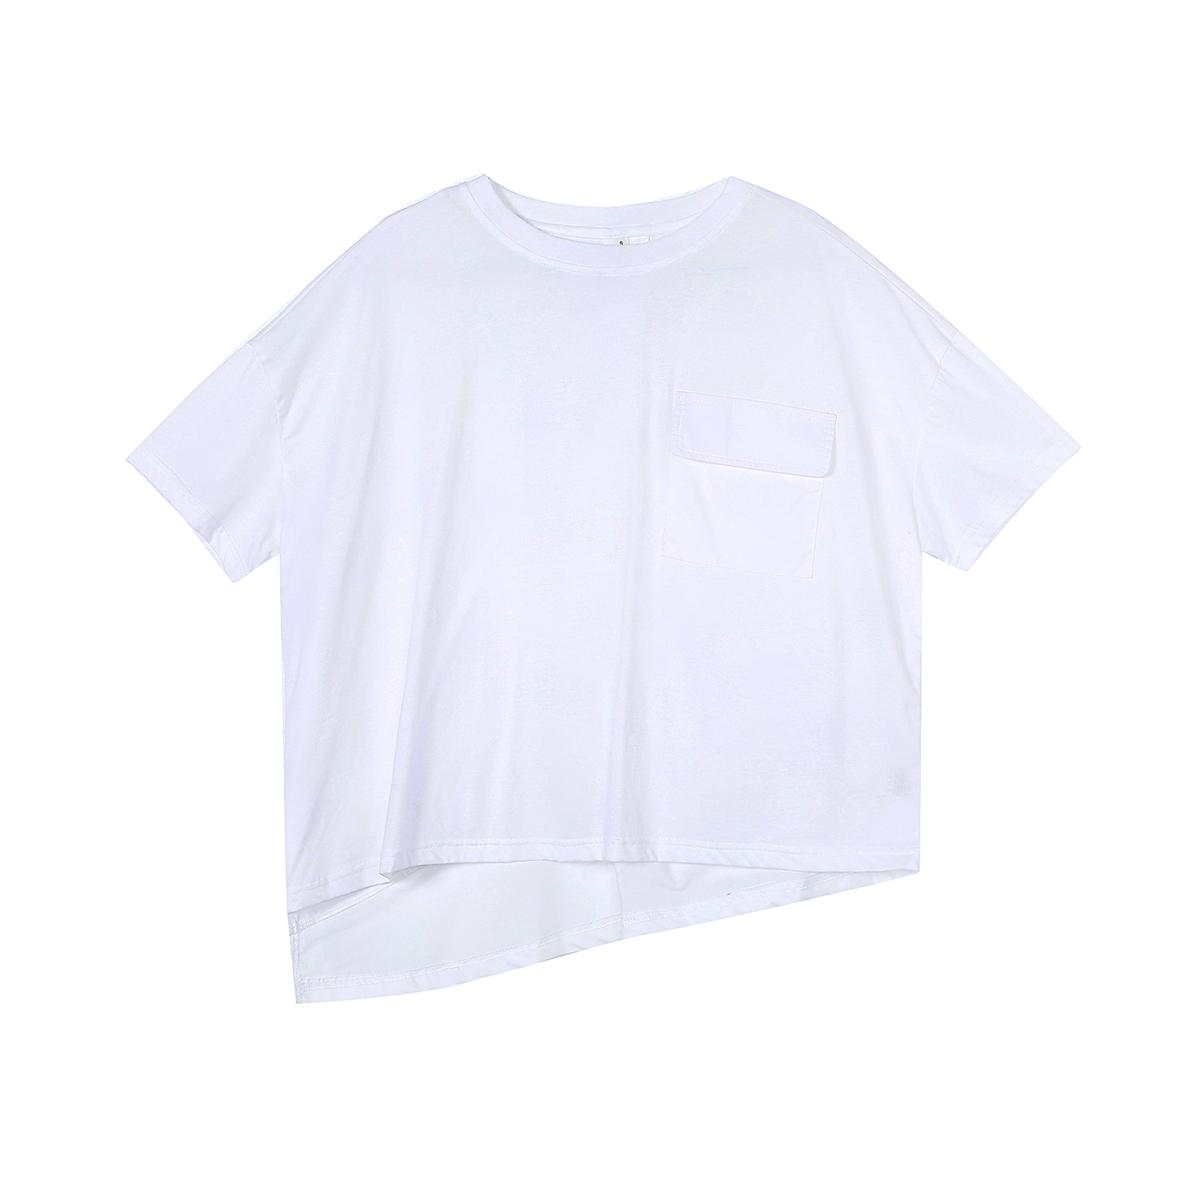 恤女 T 港风简约中姓后背纽扣设计宽松短袖 BLACK SIMPLE